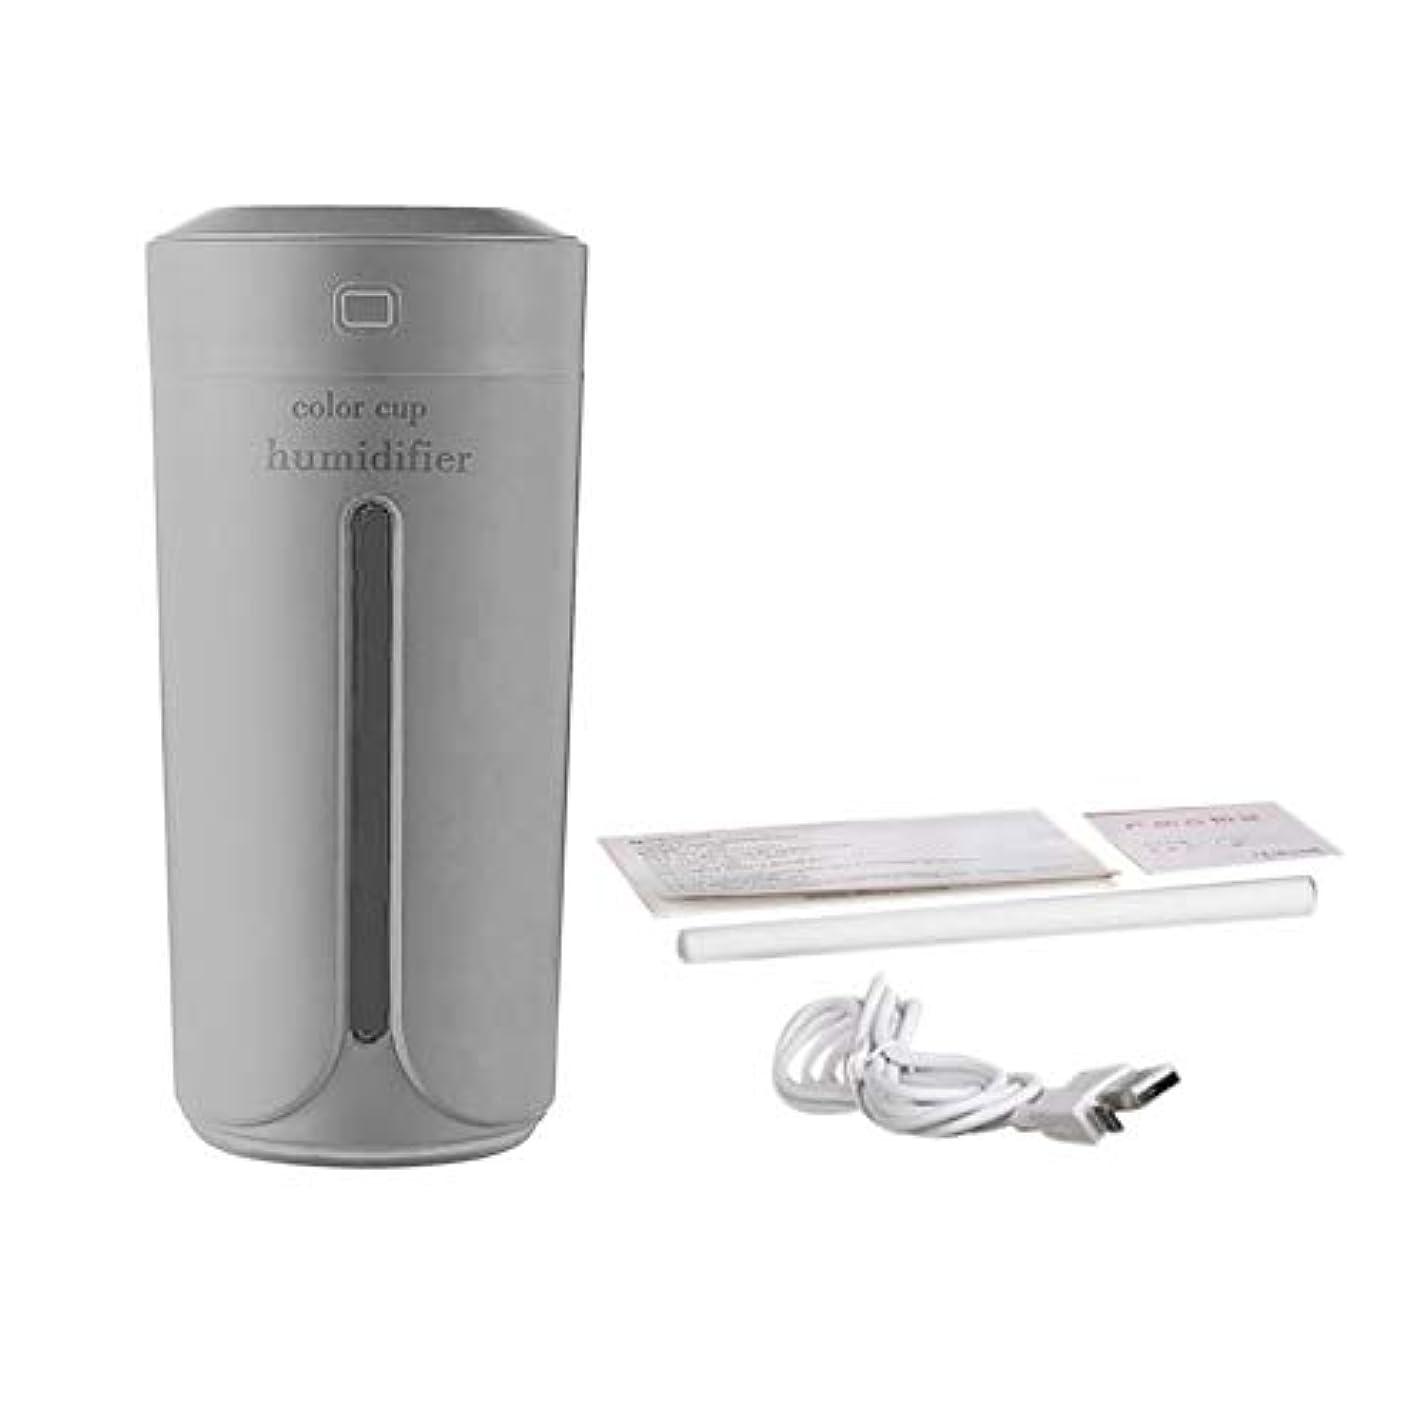 ボックスオリエント薄いですTumdem 車の家のためのミニカップ形状空気加湿器USB充電エアモイスナーノイズレスカラフルなナイトライトミストメーカー